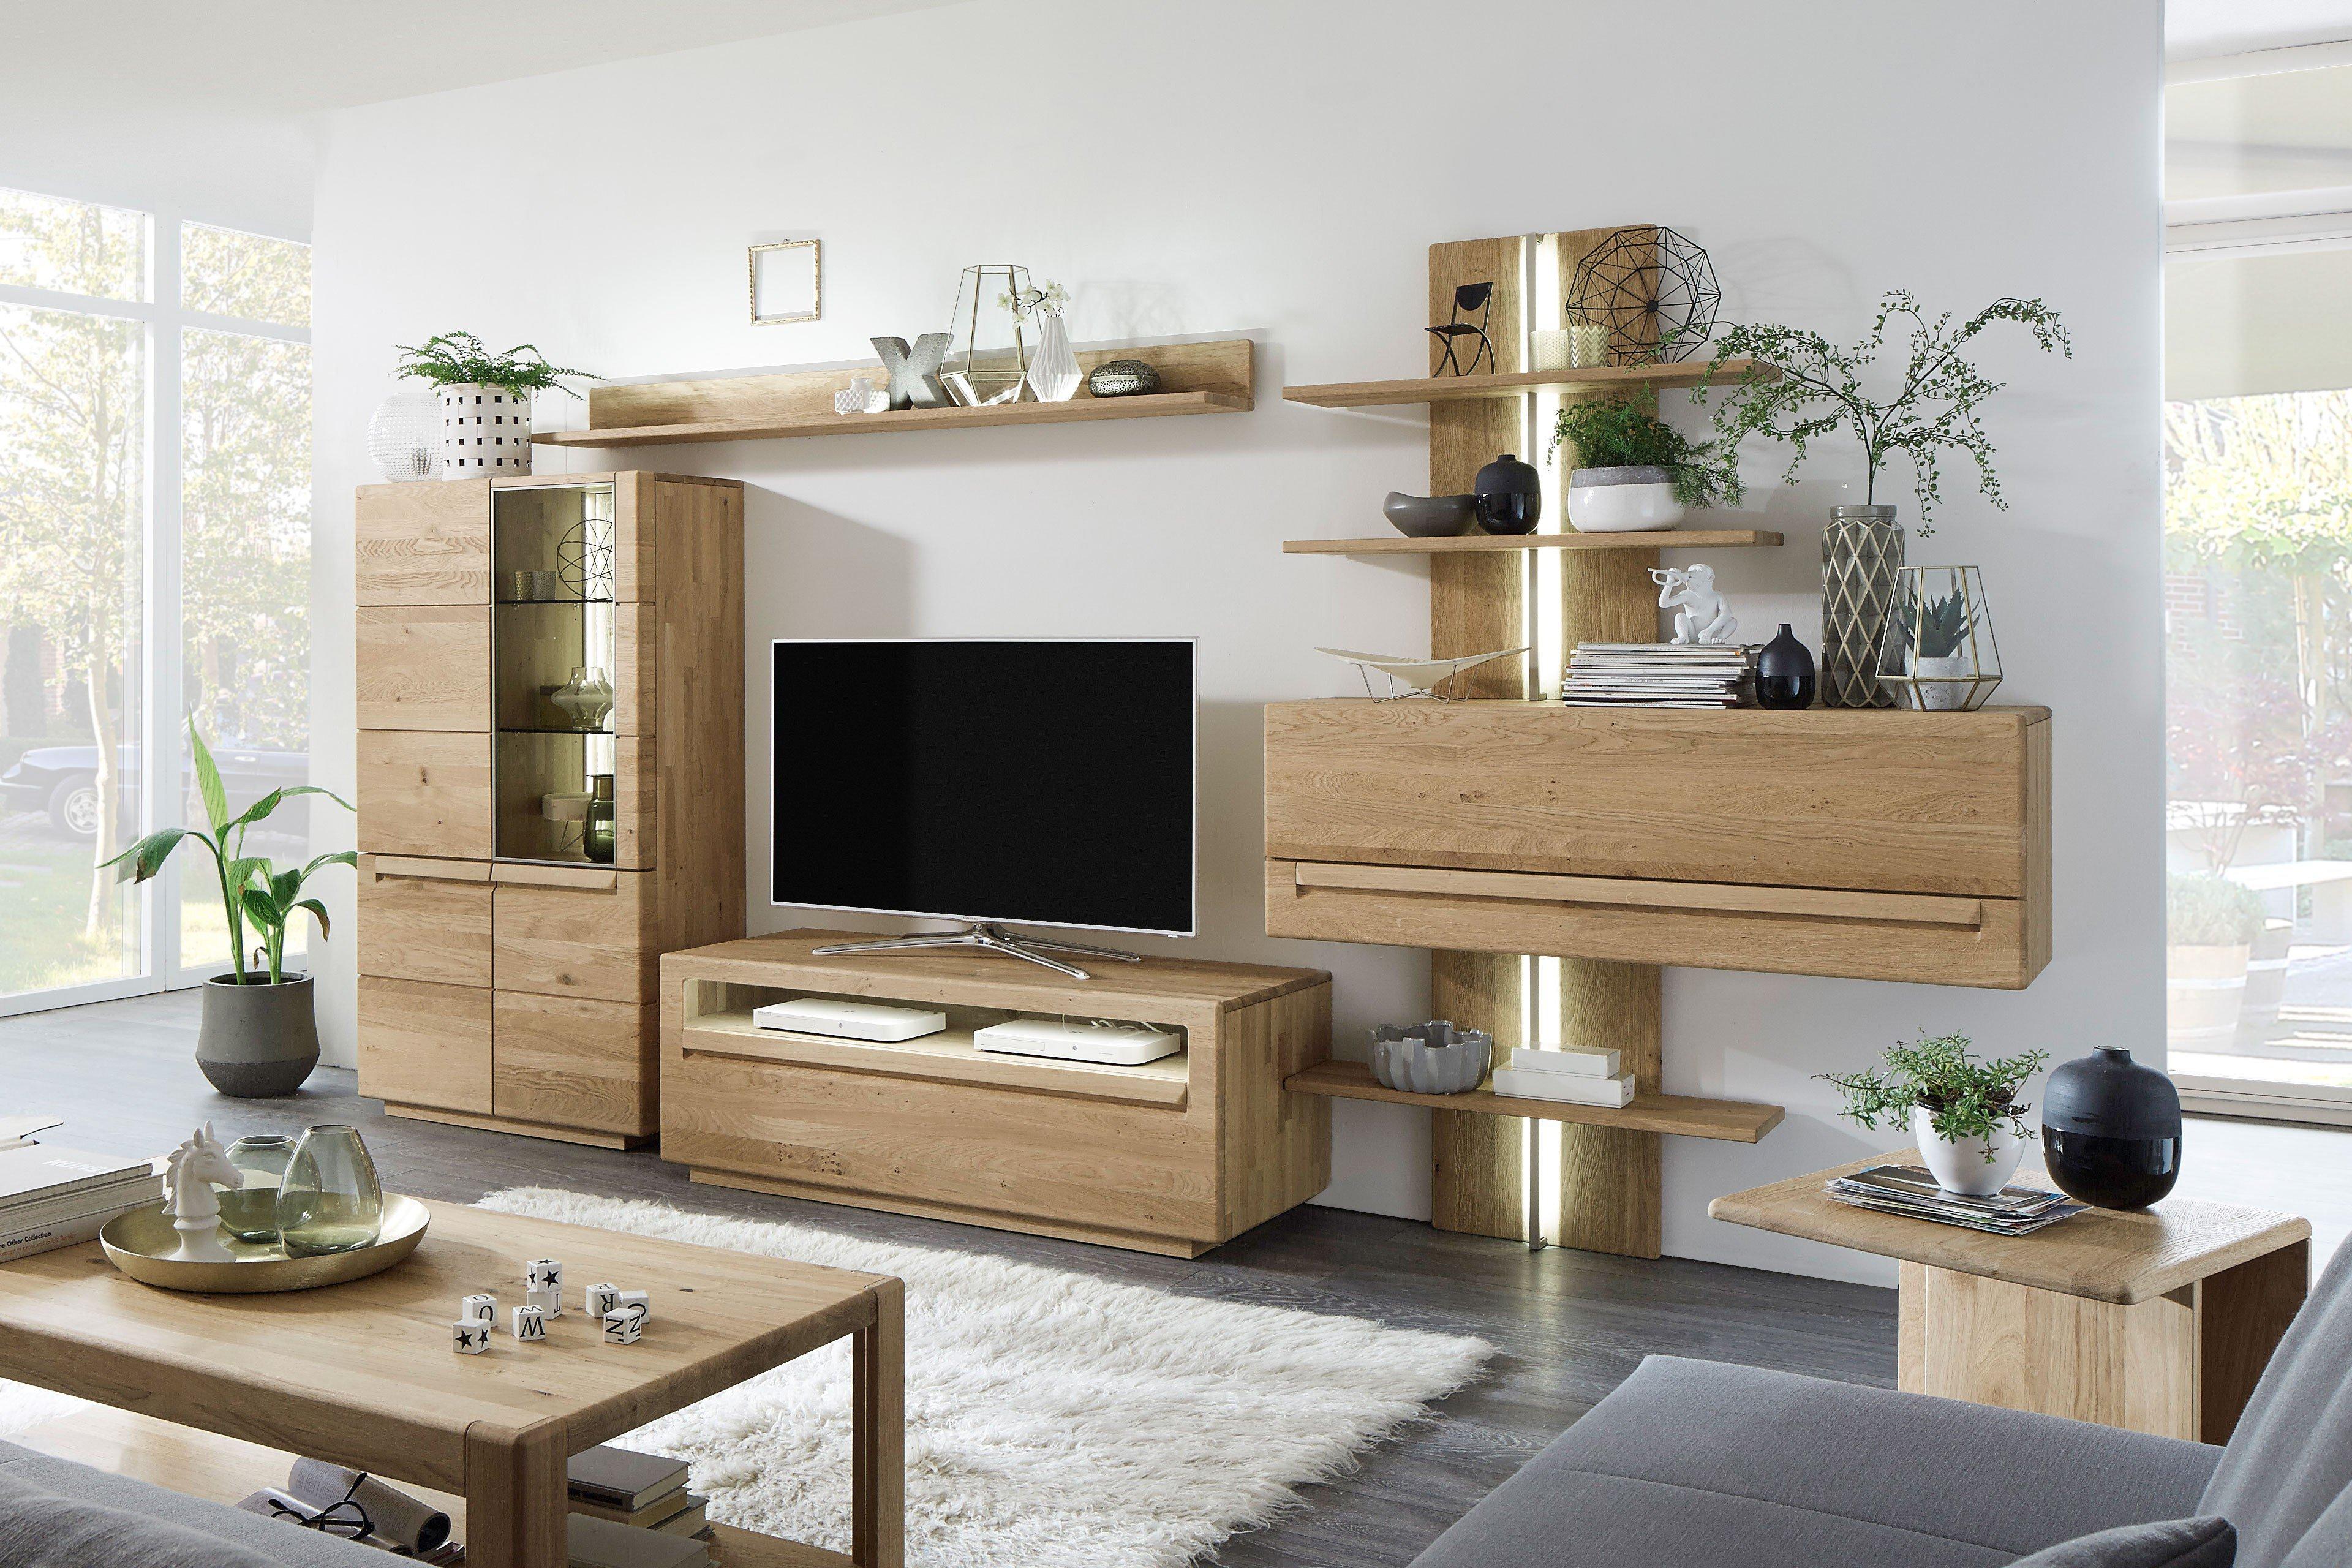 Wunderbar Wöstmann Möbel Beste Wahl Sapio Von Wöstmann - Wohnwand 0006 Europäische